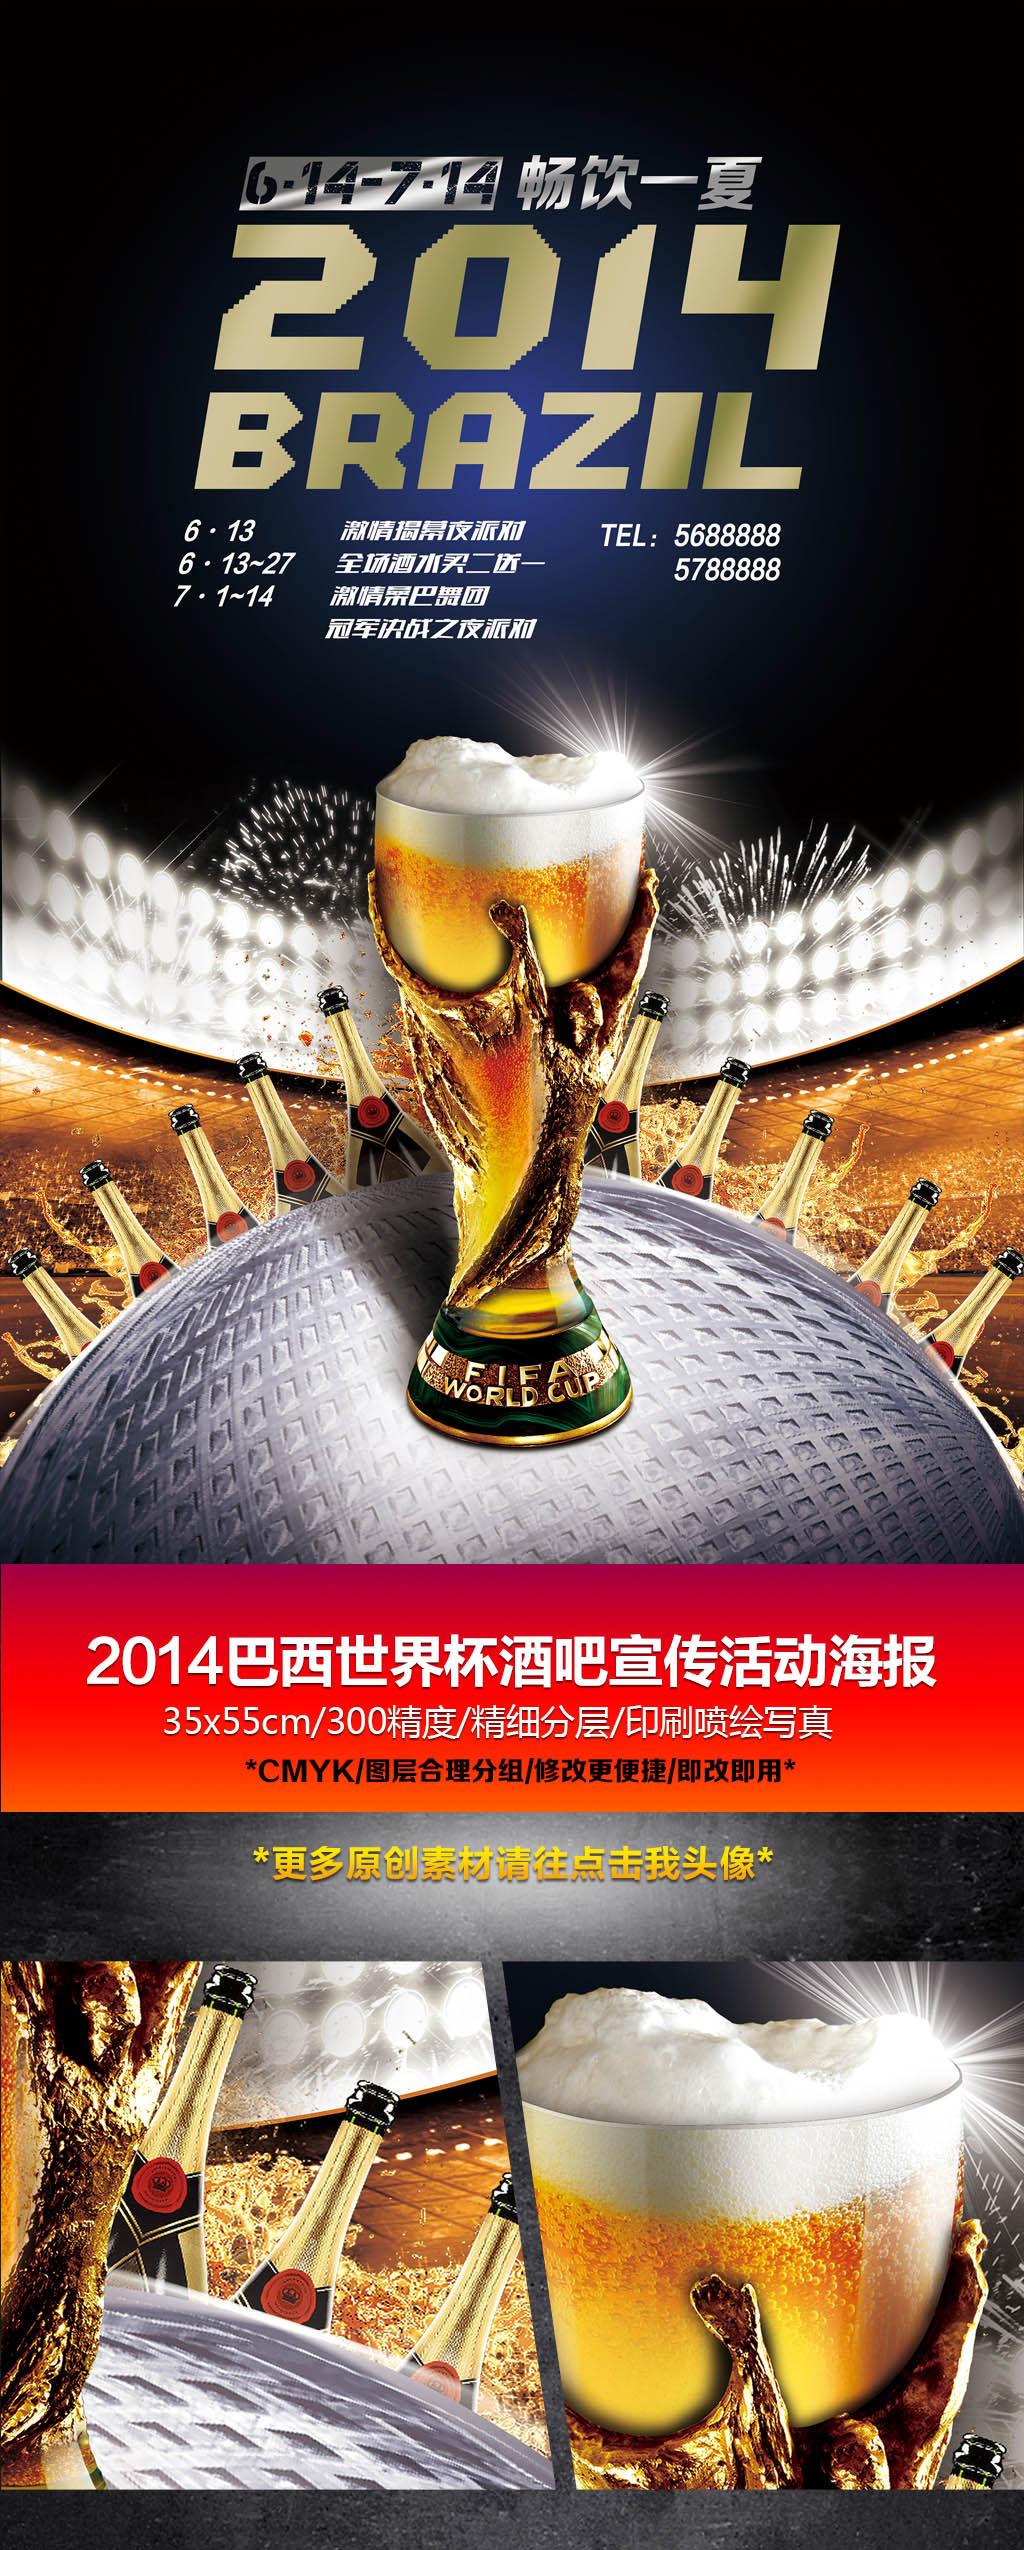 2014巴西世界杯酒吧活动宣传海报模板下载